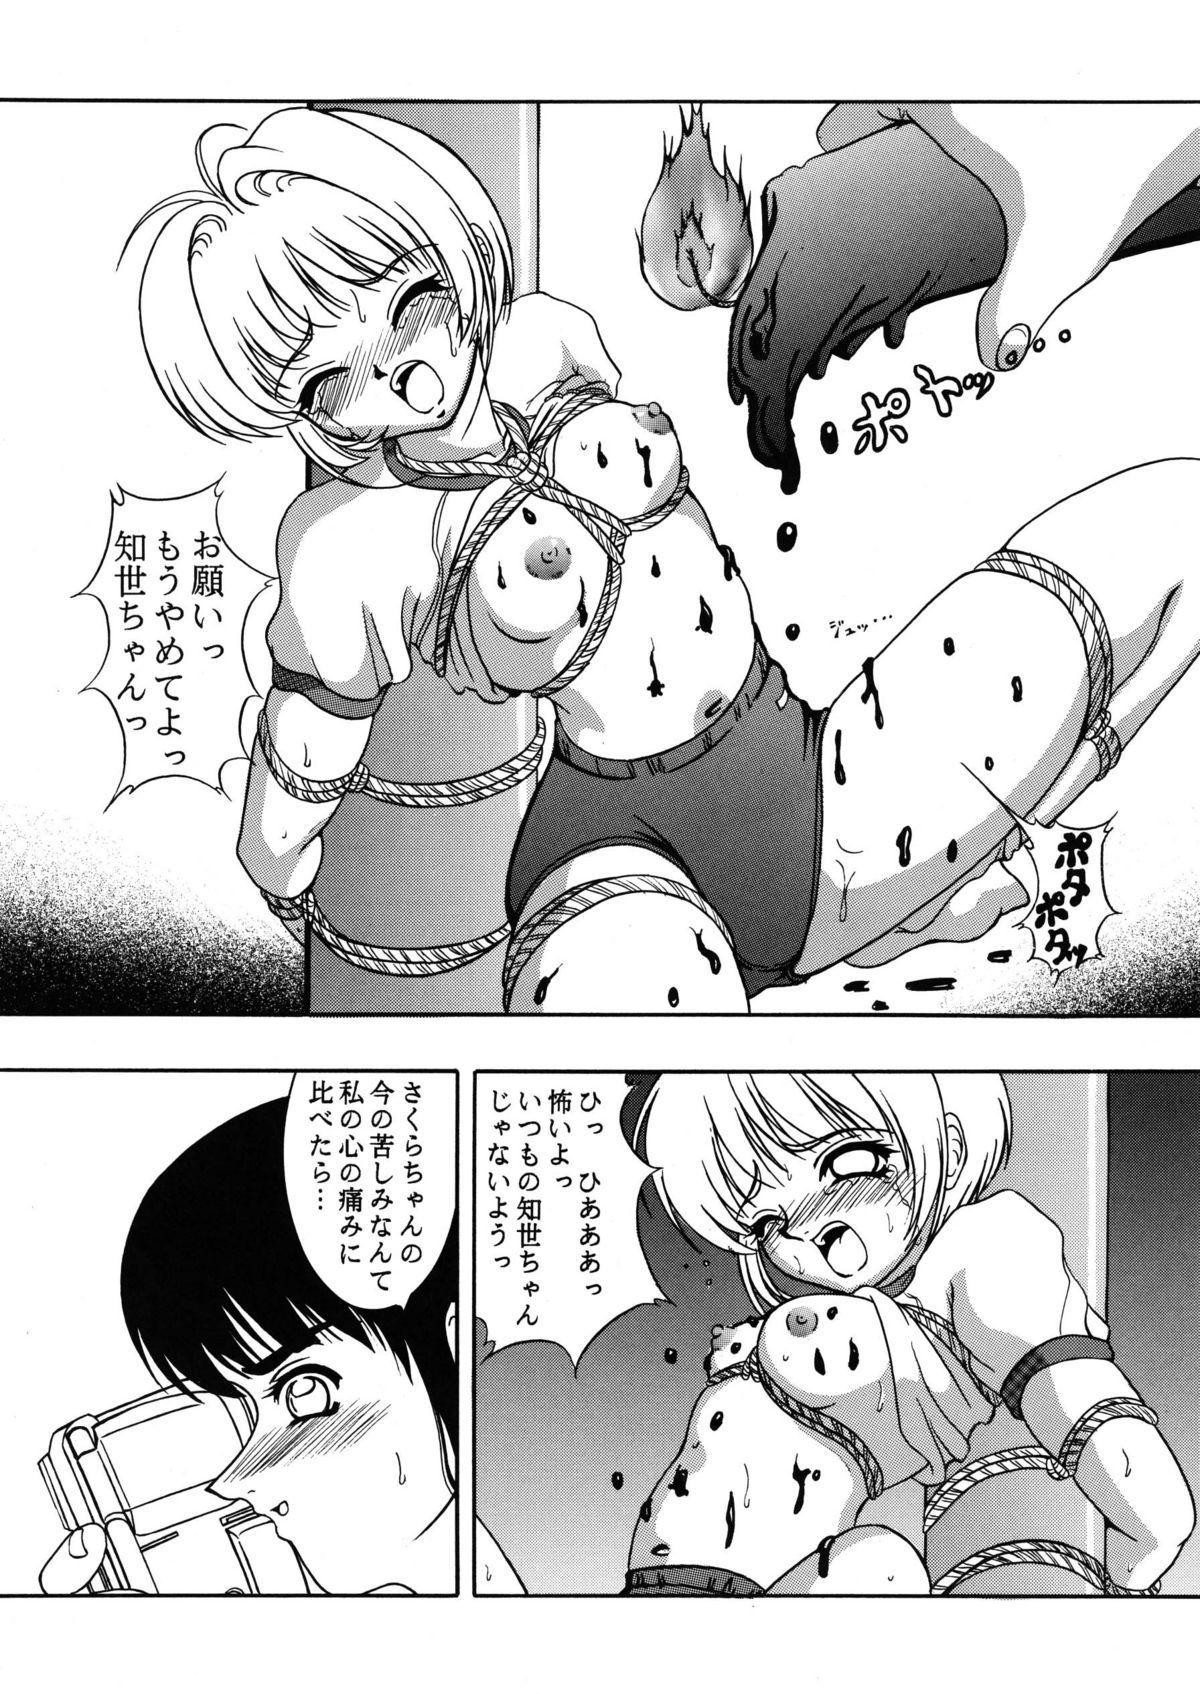 Hana ni Arashi no Tatoe mo Aruzo 21